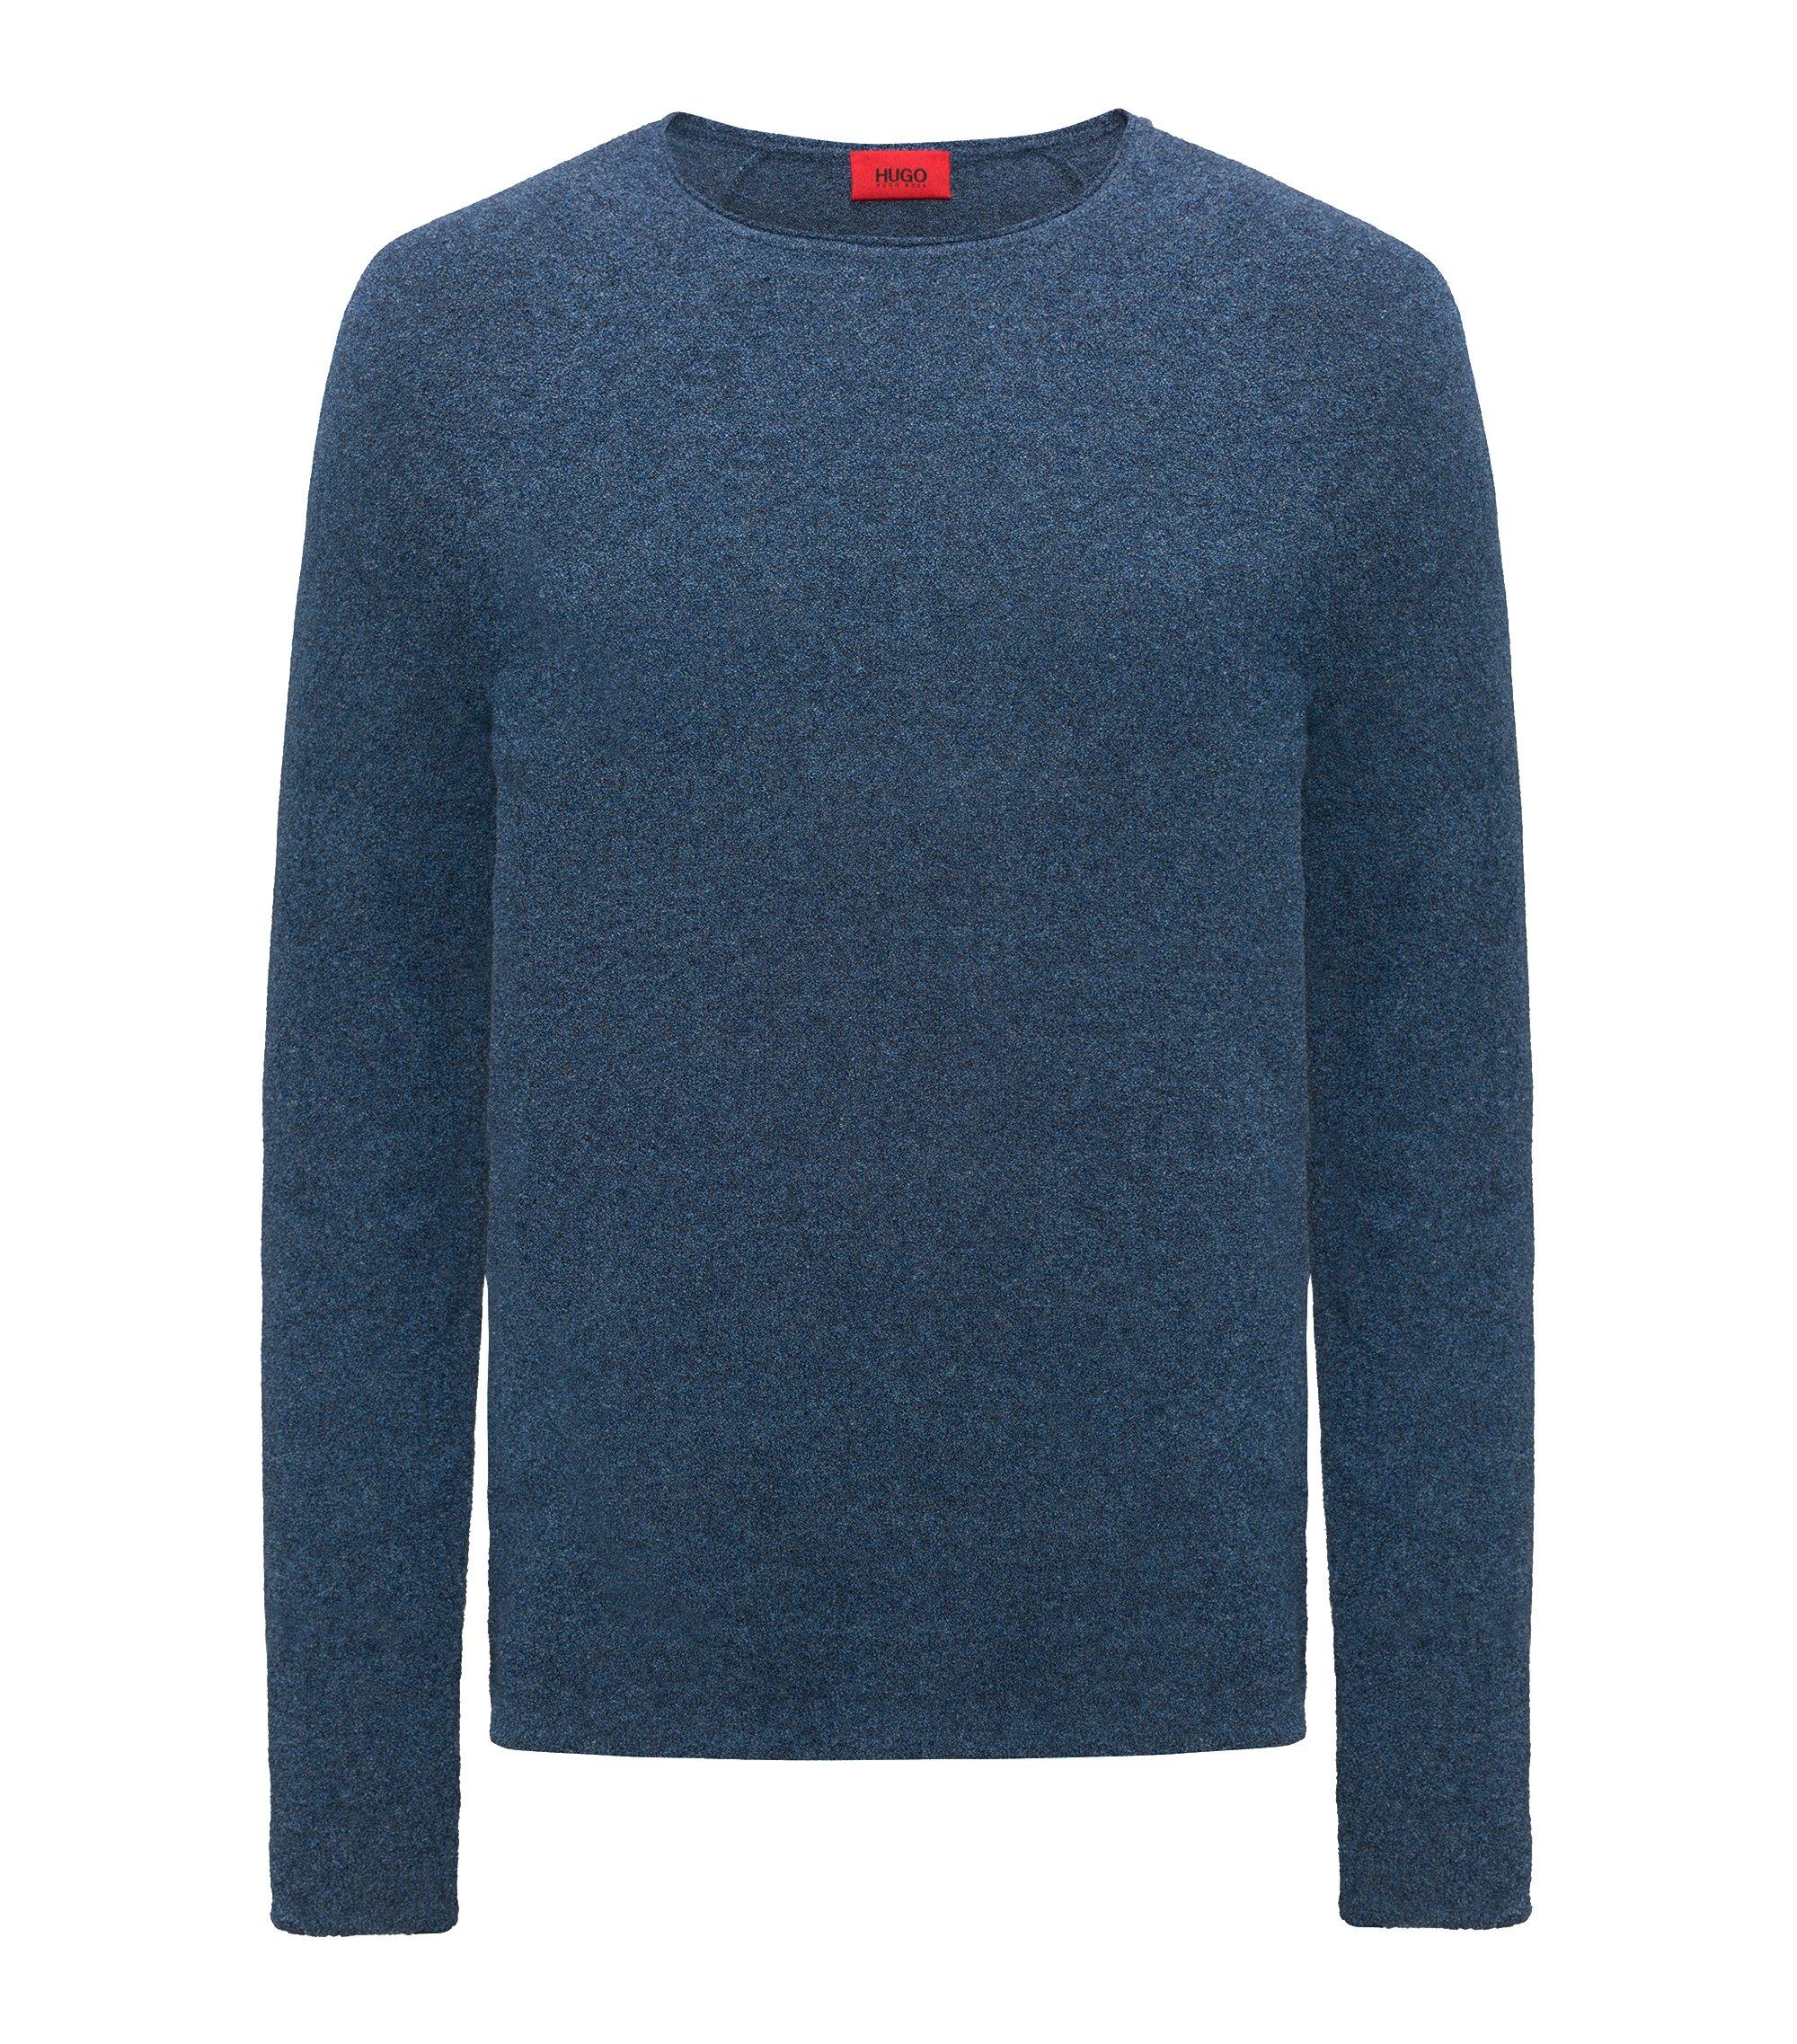 Strukturierter Pullover aus Baumwoll-Mix, Blau